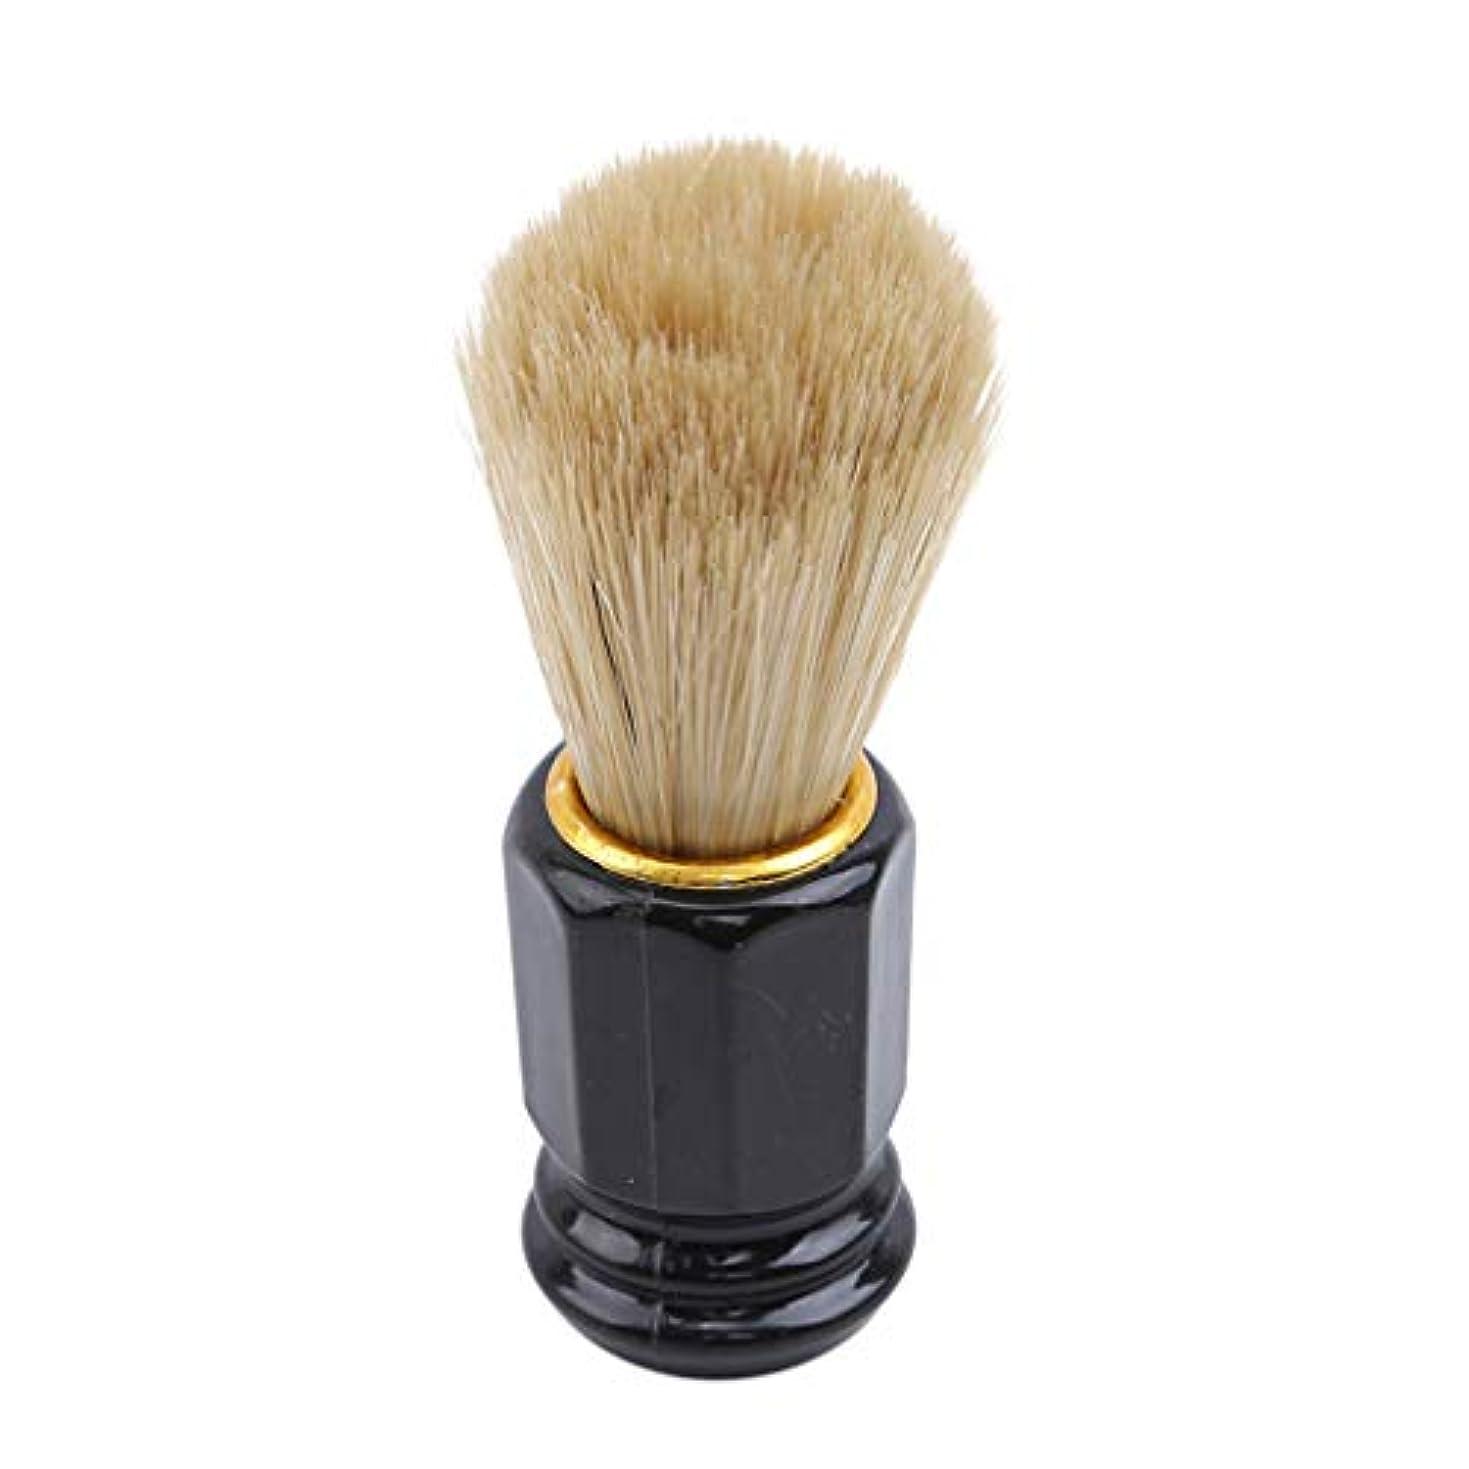 始まり呼び起こす入場料火の色 ひげブラシ シェービングブラシ 美容ツール 理容 洗顔 髭剃り 泡立ち 男性